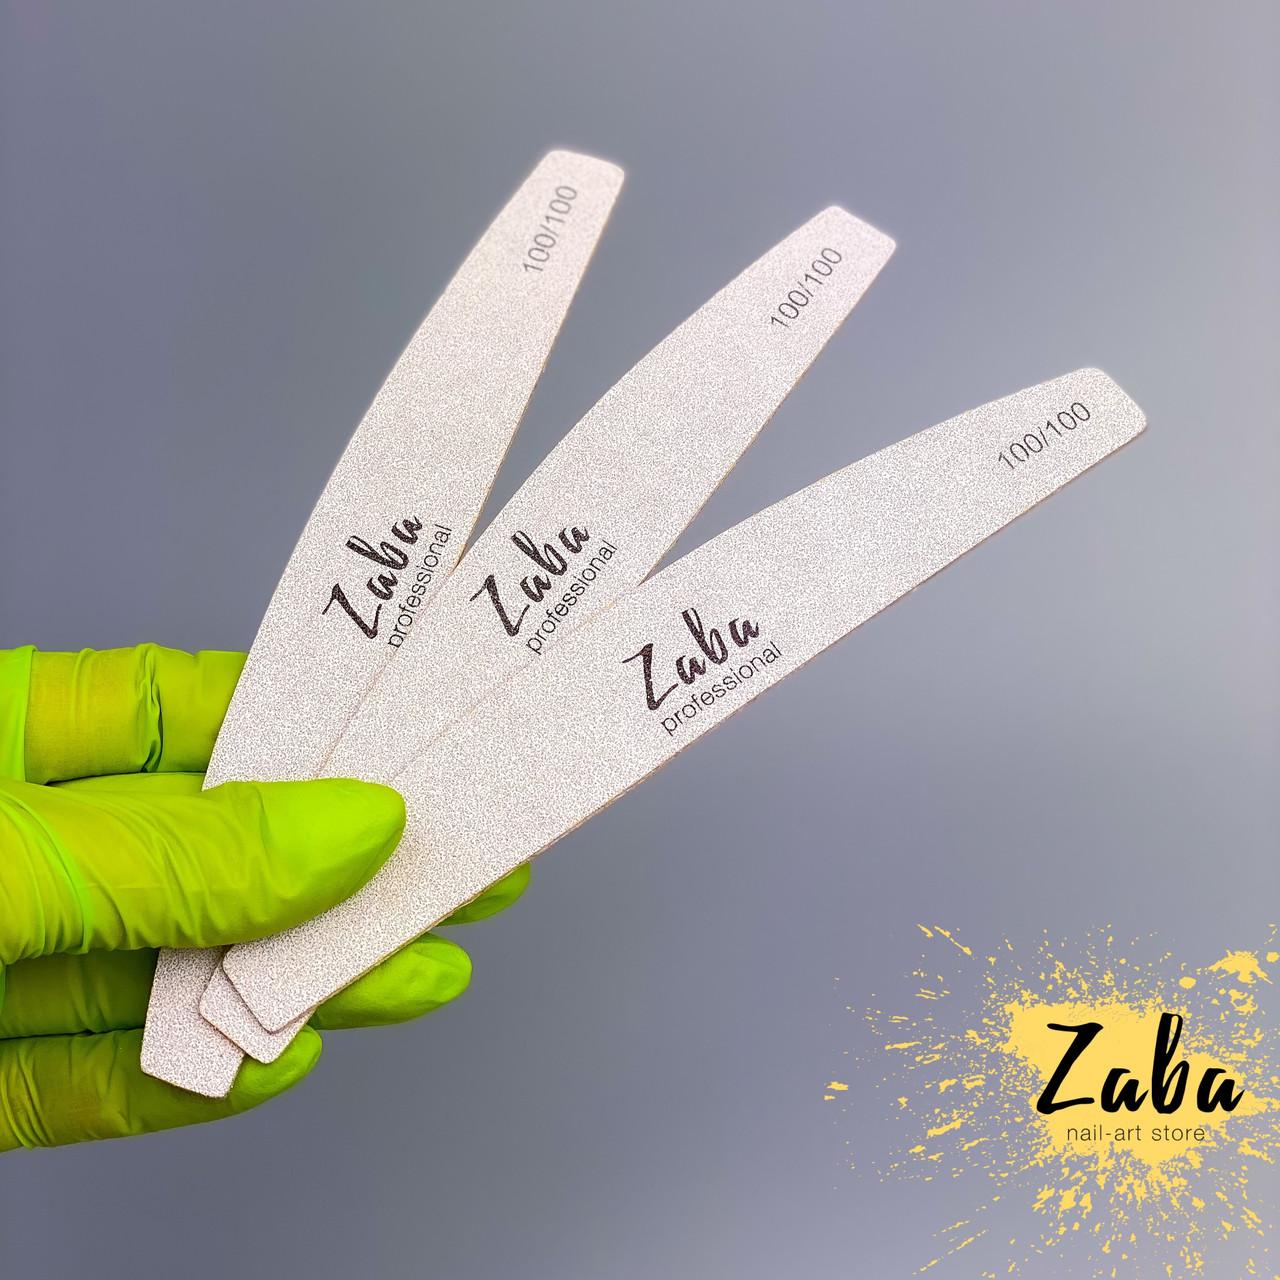 Пилка Zaba Professional 100/100, дуга